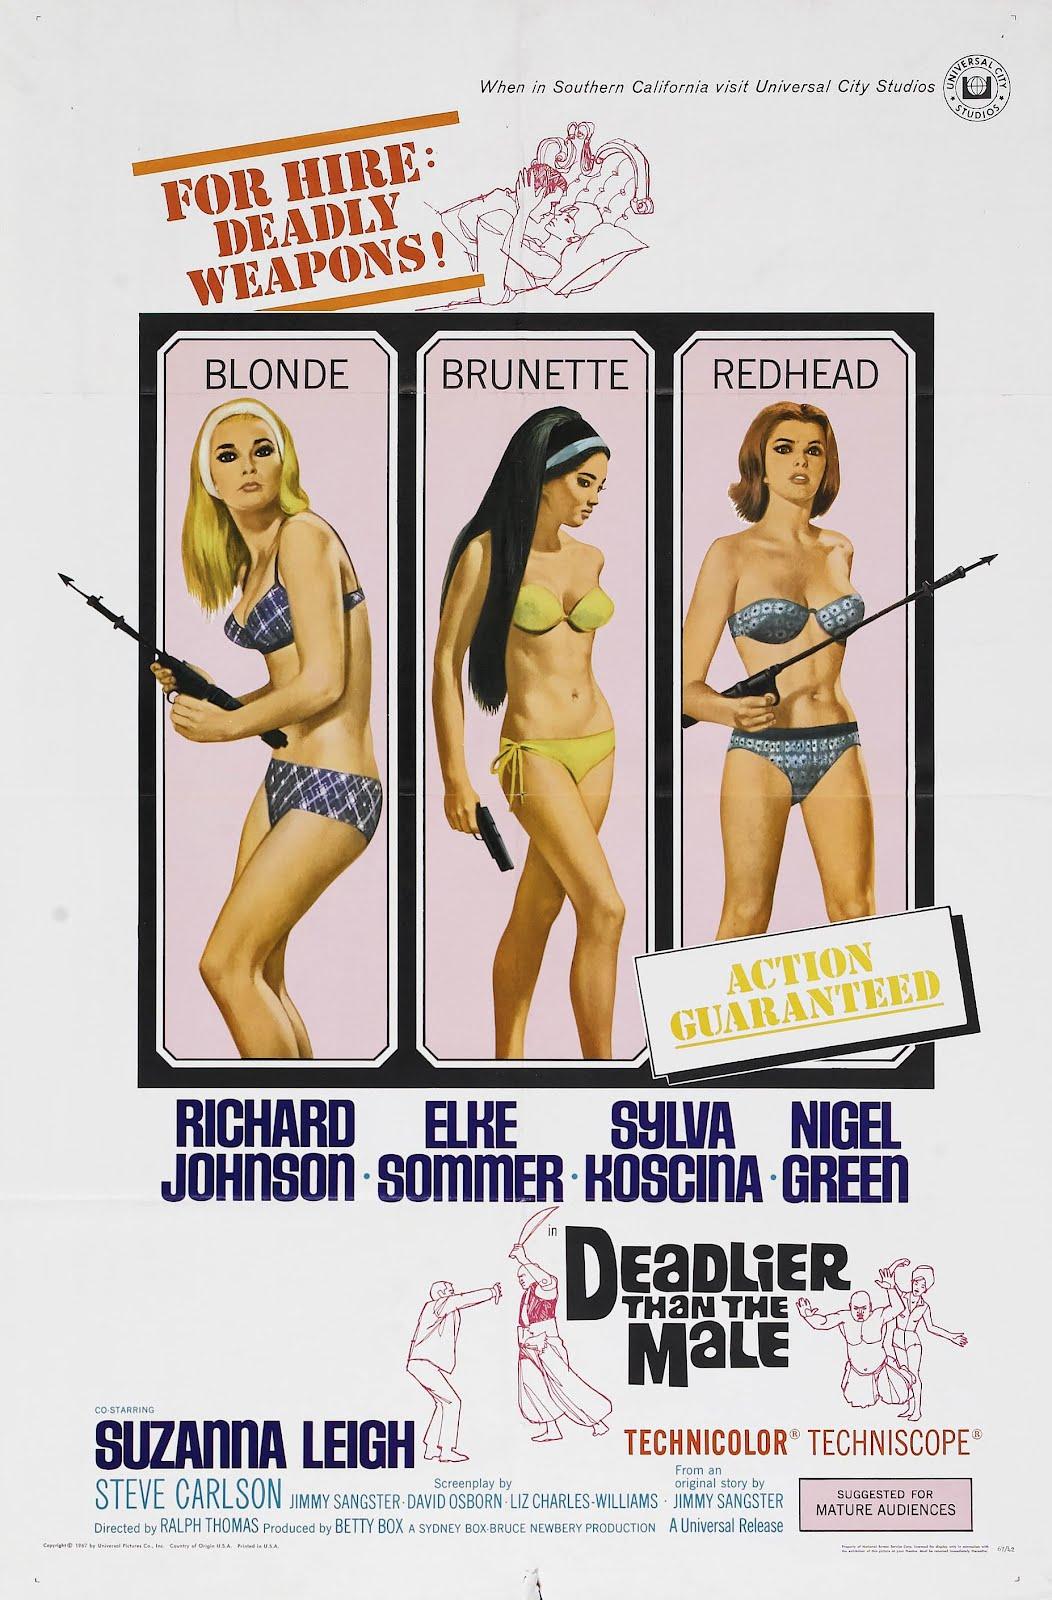 http://2.bp.blogspot.com/-0YMjhb-Vqj8/TyruoJhBwXI/AAAAAAAAFtk/xxKRMxUf1-w/s1600/deadlier_than_male_poster_01.jpg